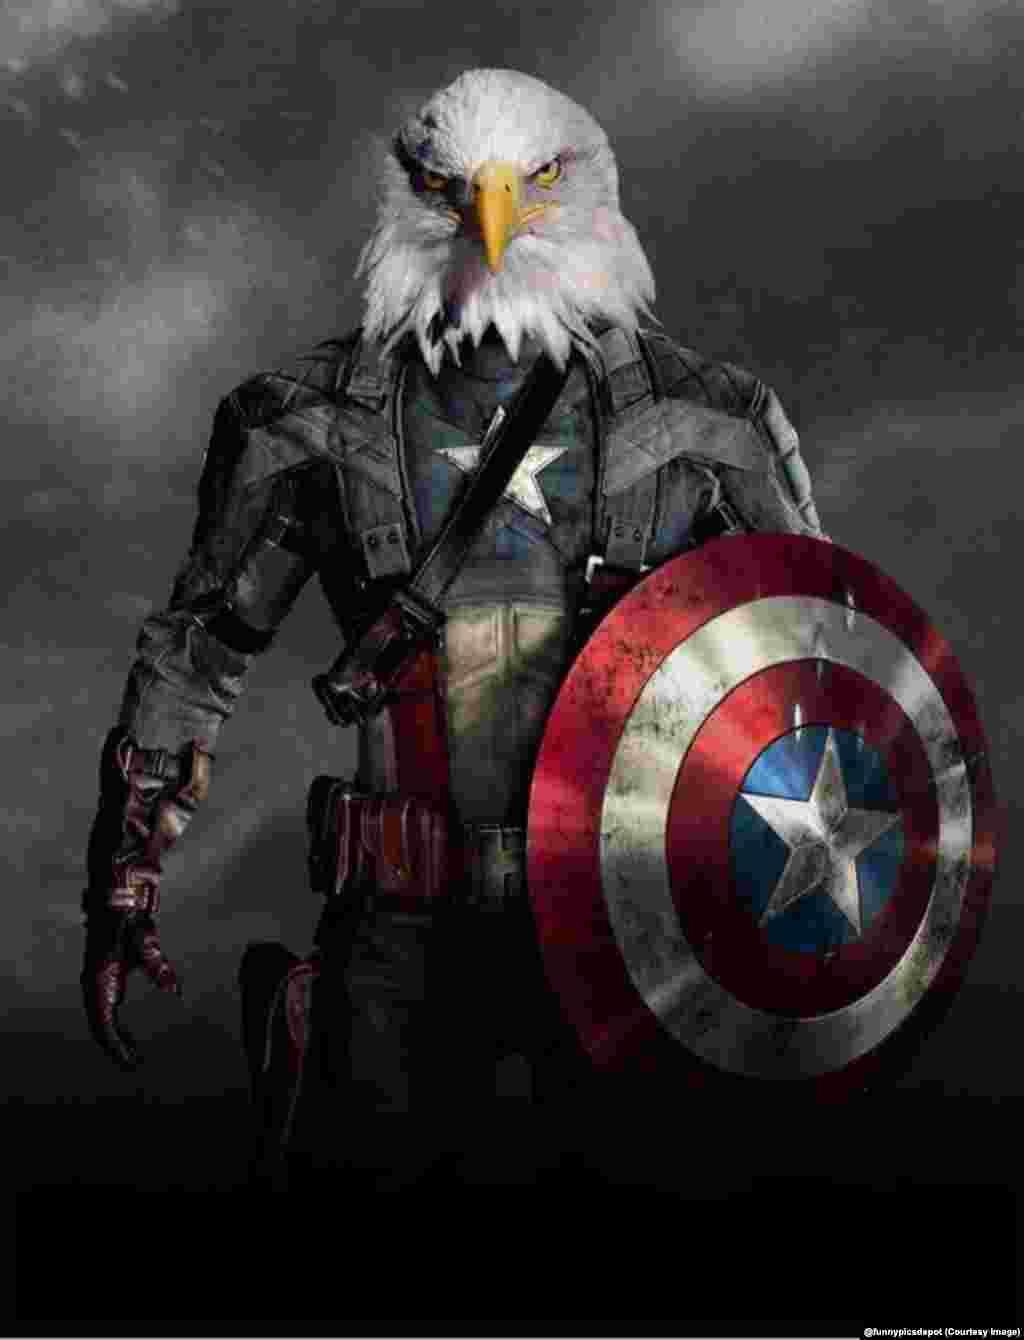 """Тім Говард в образі """"Капітана Америка"""" з головою символа США орлана білоголового (""""лисого орла"""")."""